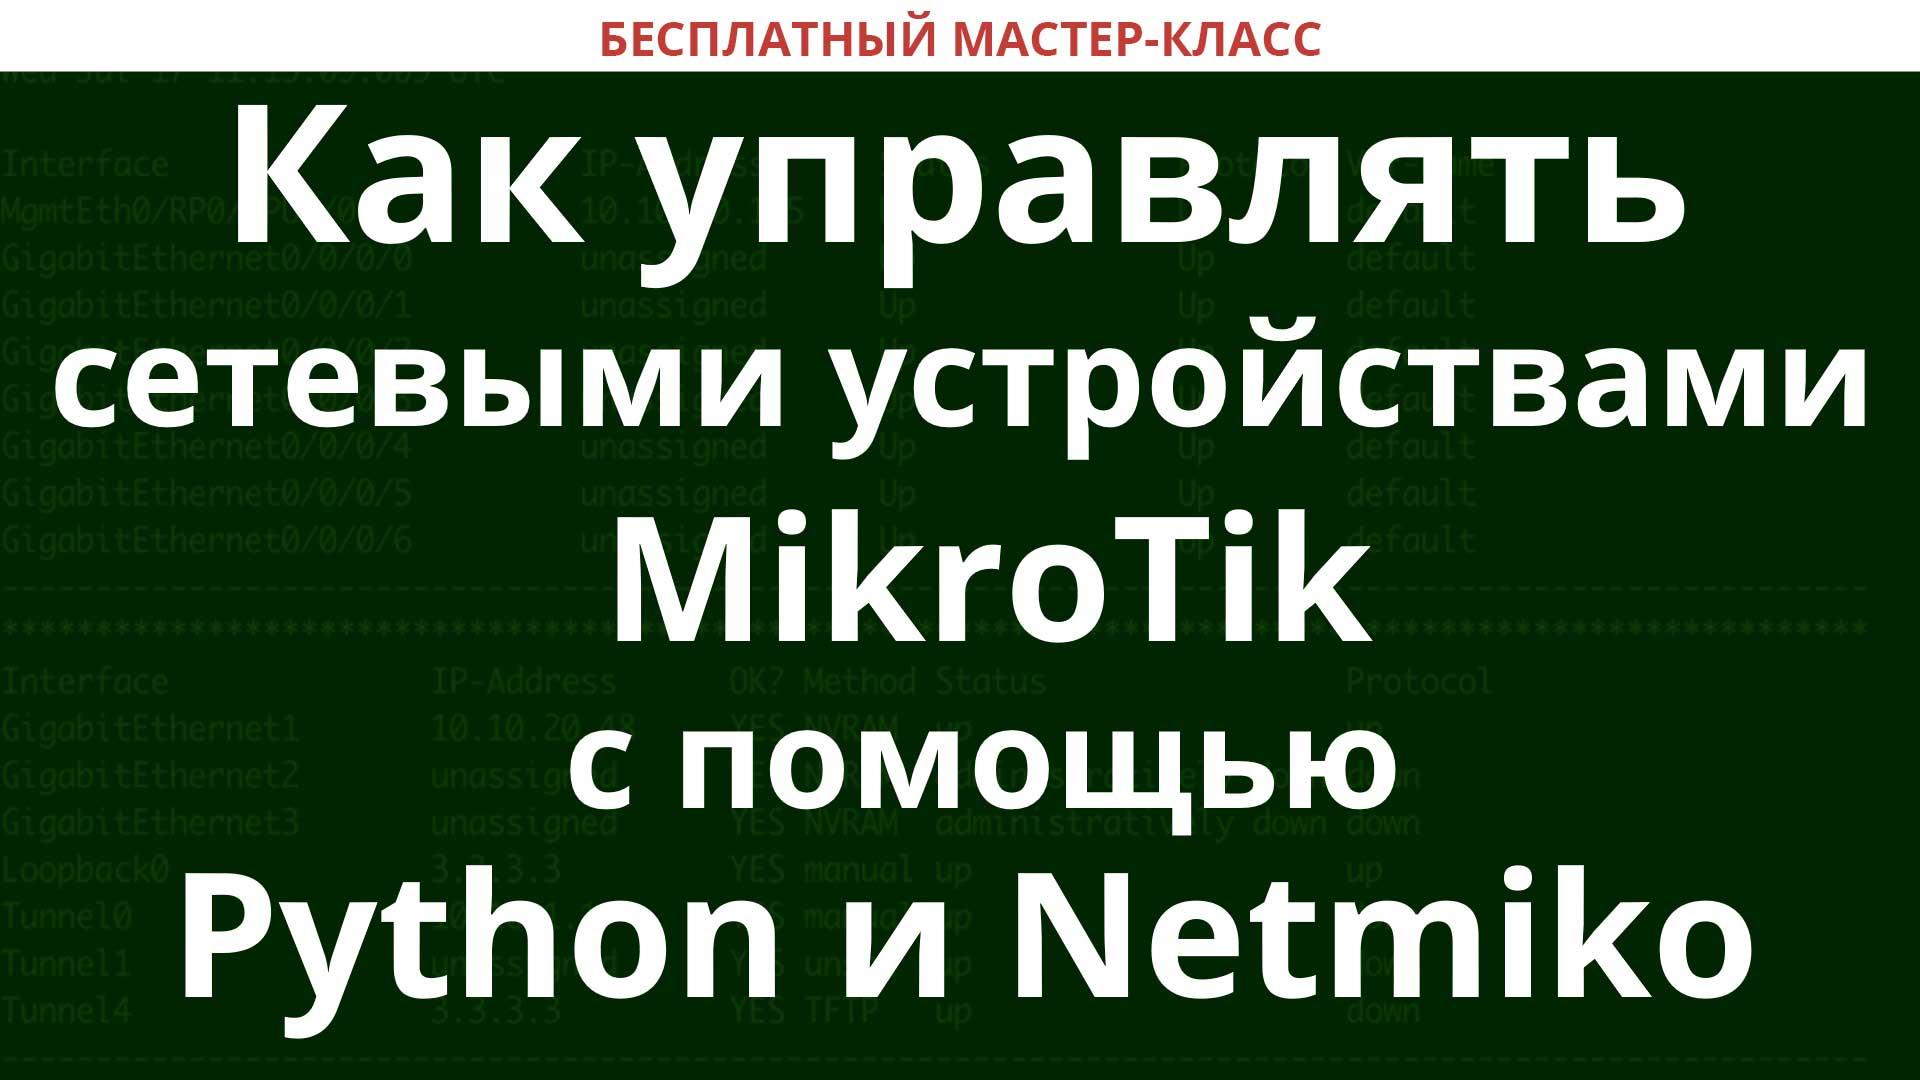 Как управлять сетевыми устройствами MikroTik с помощью Python и Netmiko